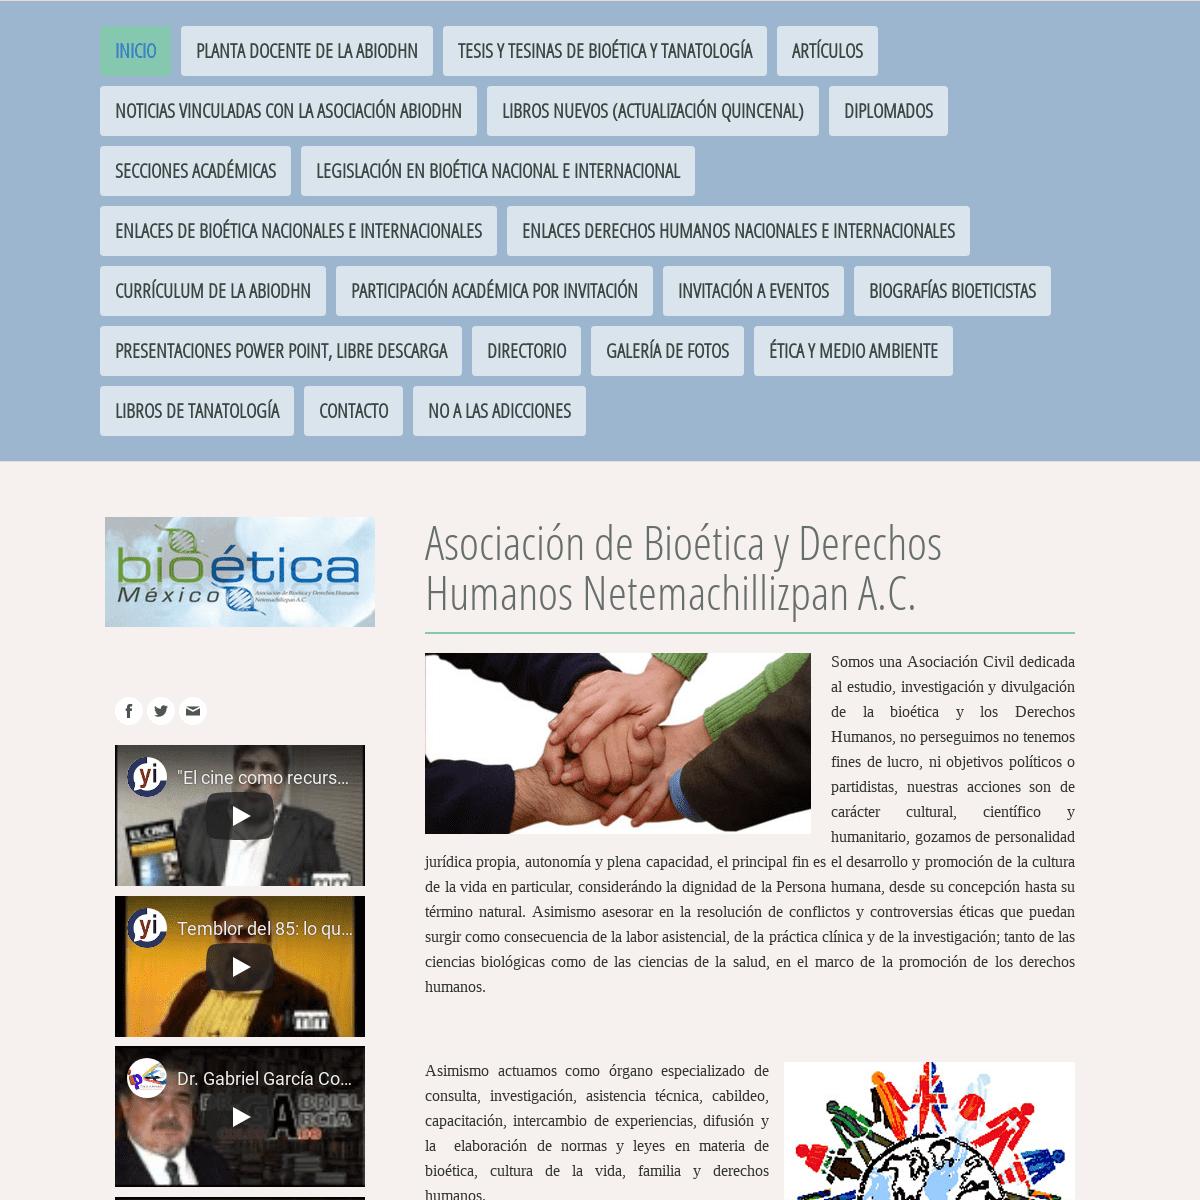 ArchiveBay.com - bioeticamexicana.org - Asociación de Bioética y Derechos Humanos Netemachillizpan A.C. - bioeticamexicana